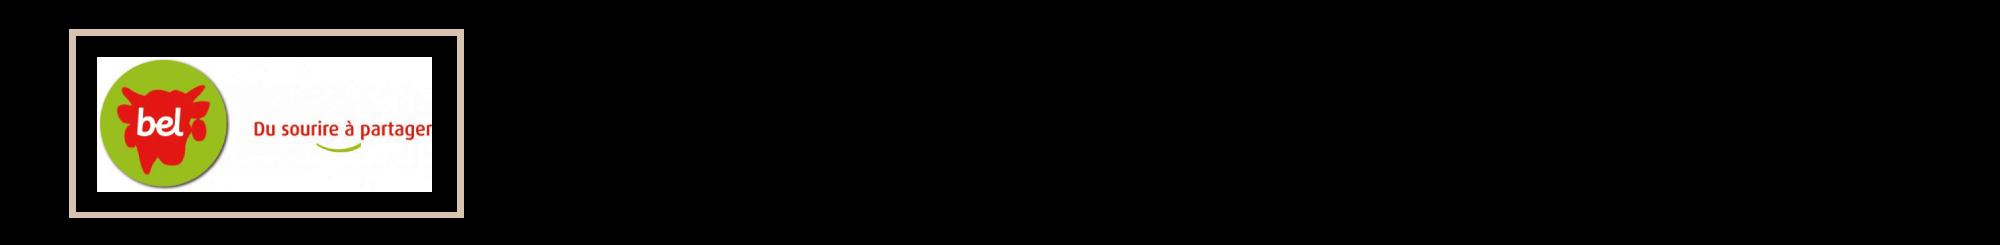 Bel-EN